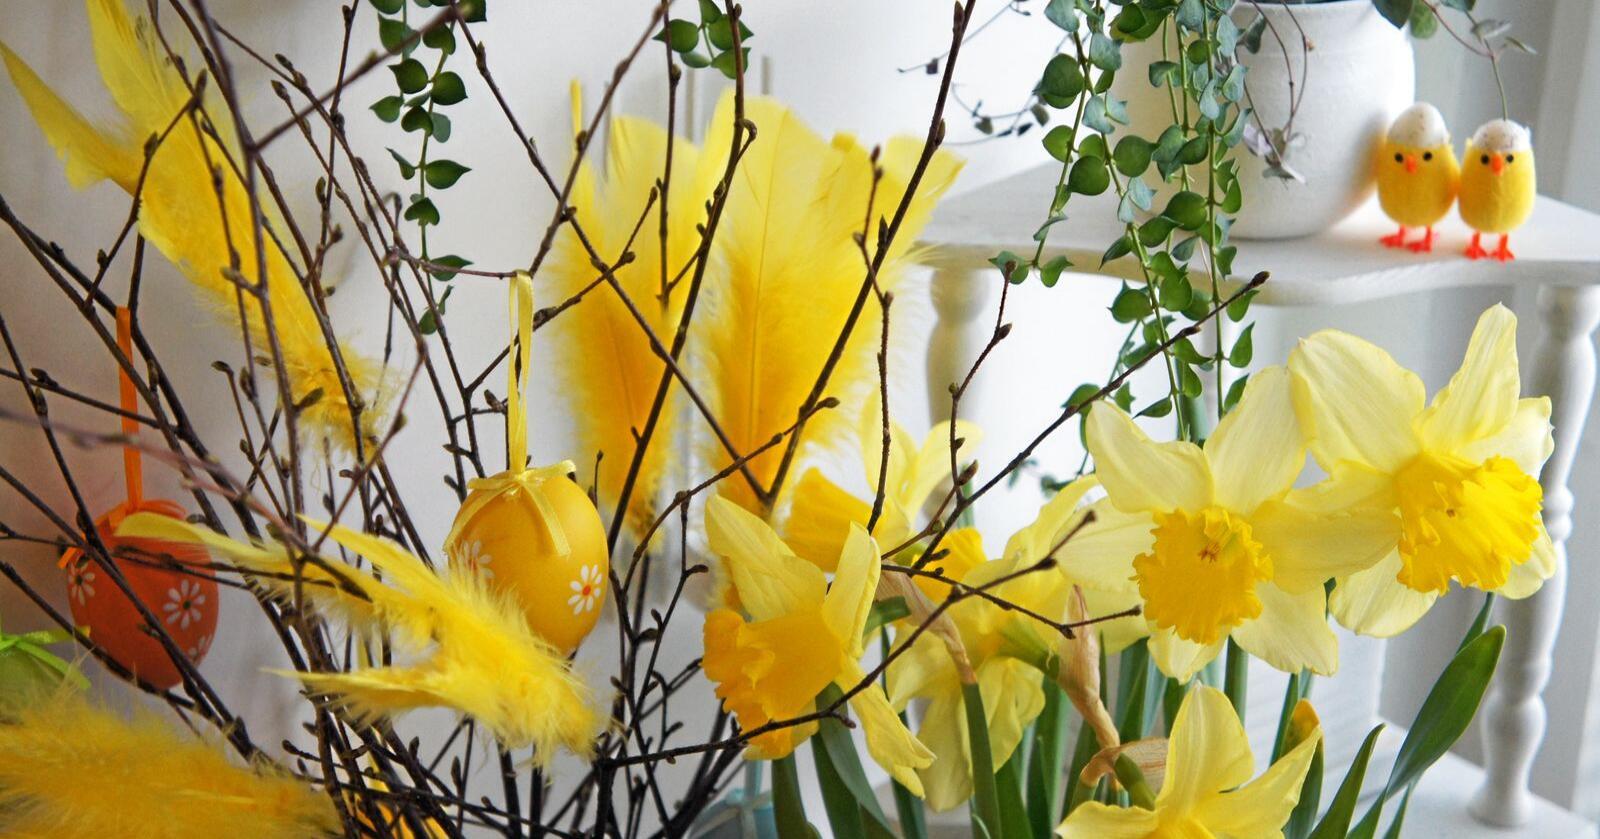 Symbolikk: Kyllinger, egg og bugnende blomster – påsken er full av symbolikk. Foto: Frugan / Mostphotos